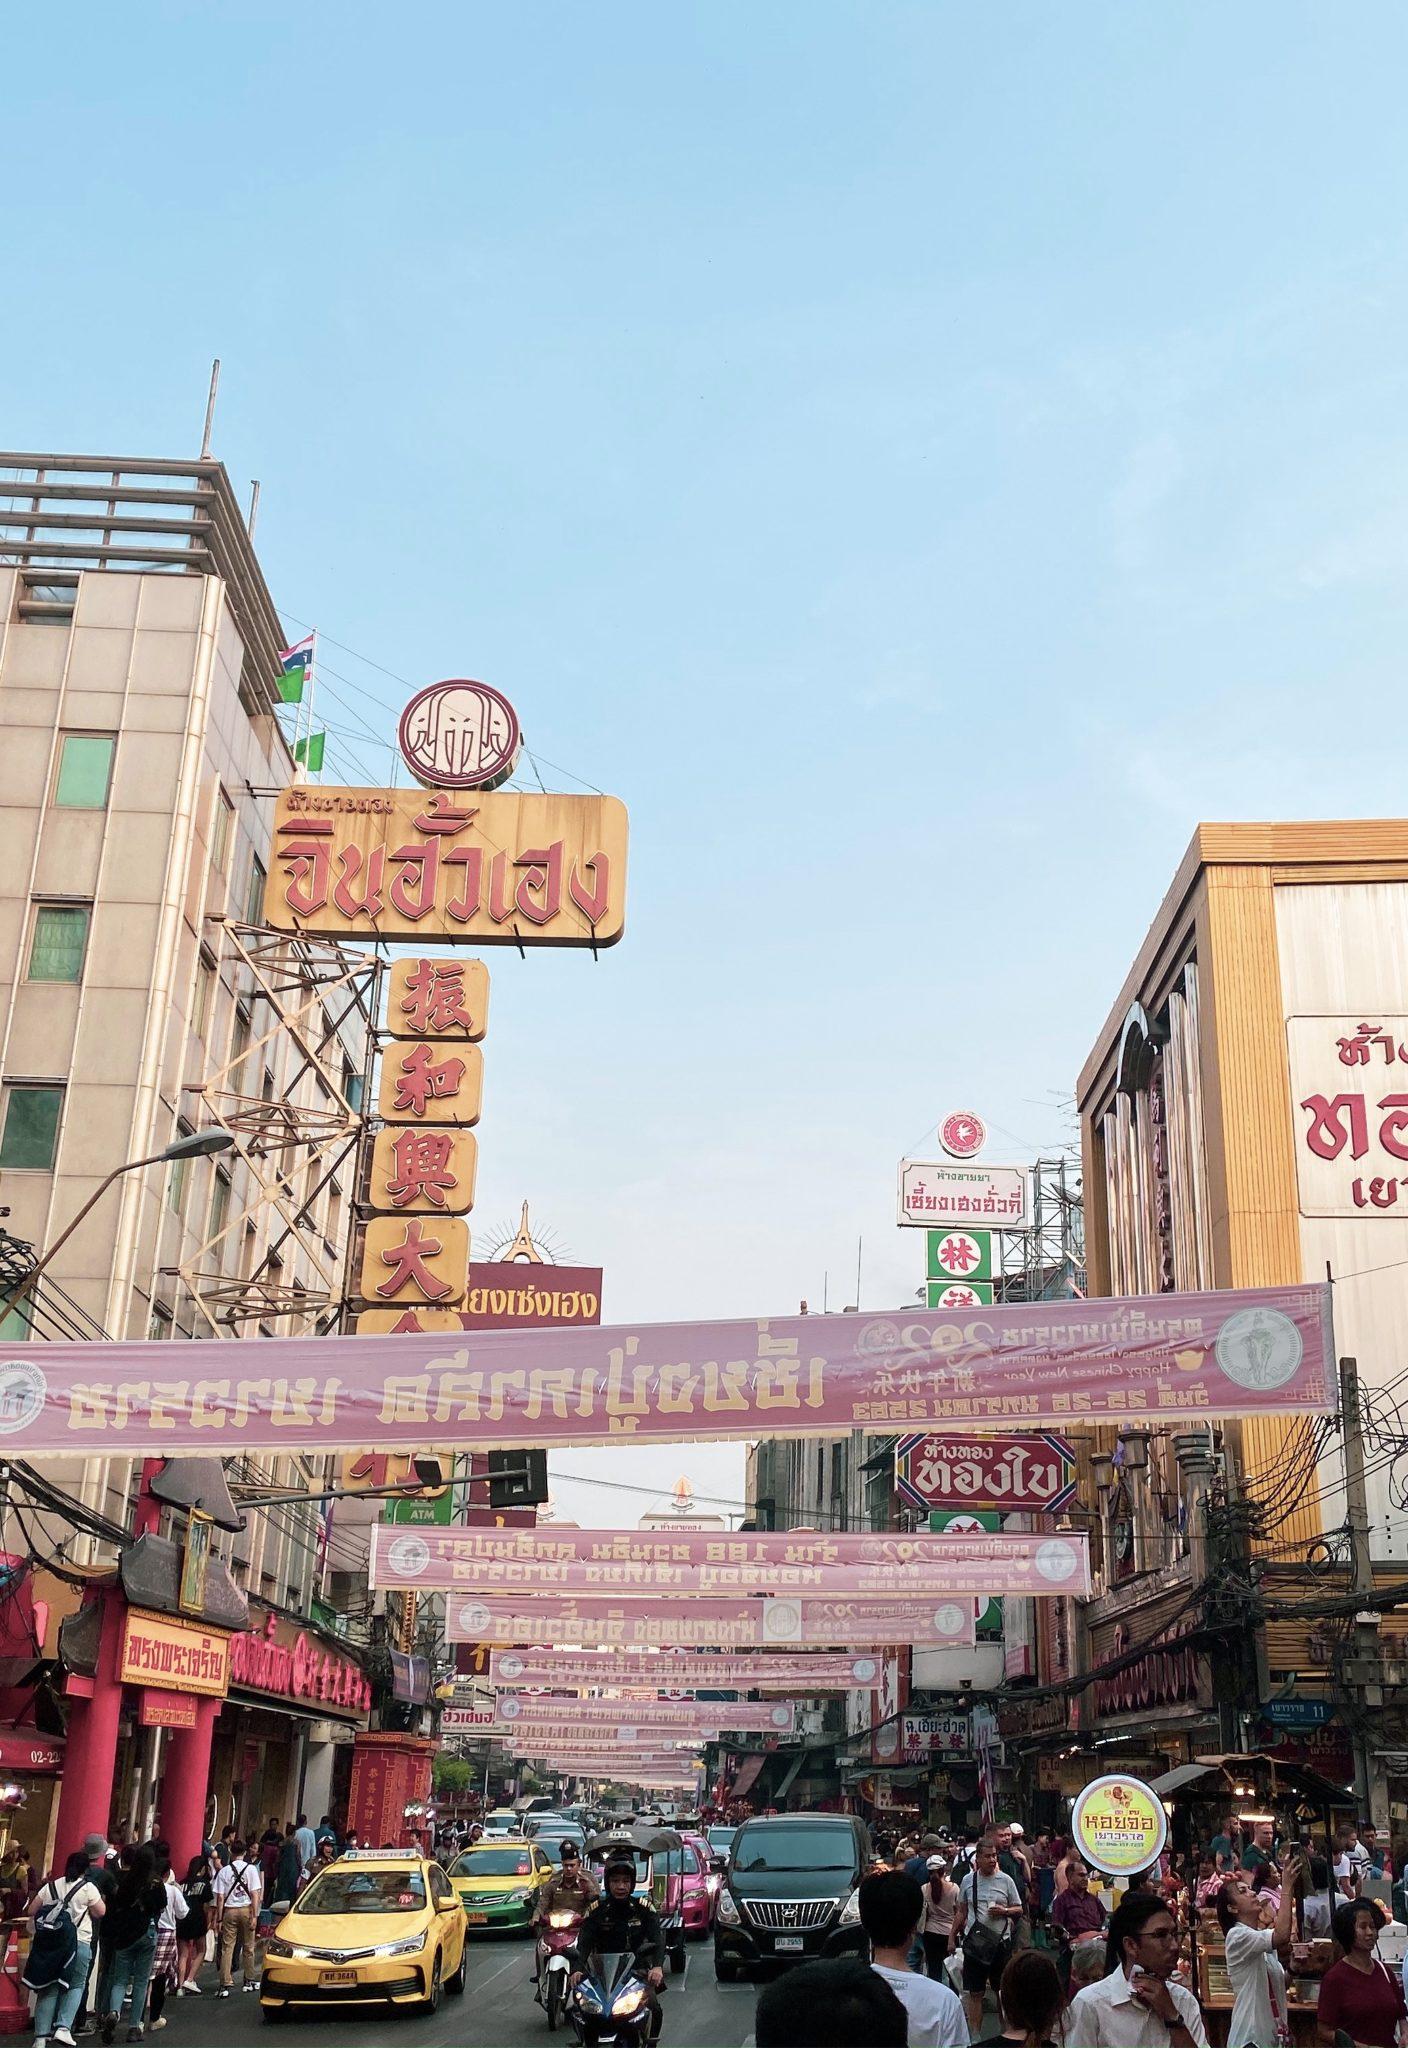 Chinatown Китайският квартал - Забележителности в Банкок, пътеводител Банкок, пътуване до Банкок, Тайланд, какво да правя 3 дни в Банкок, съвети от блогър Михаела от quite a looker